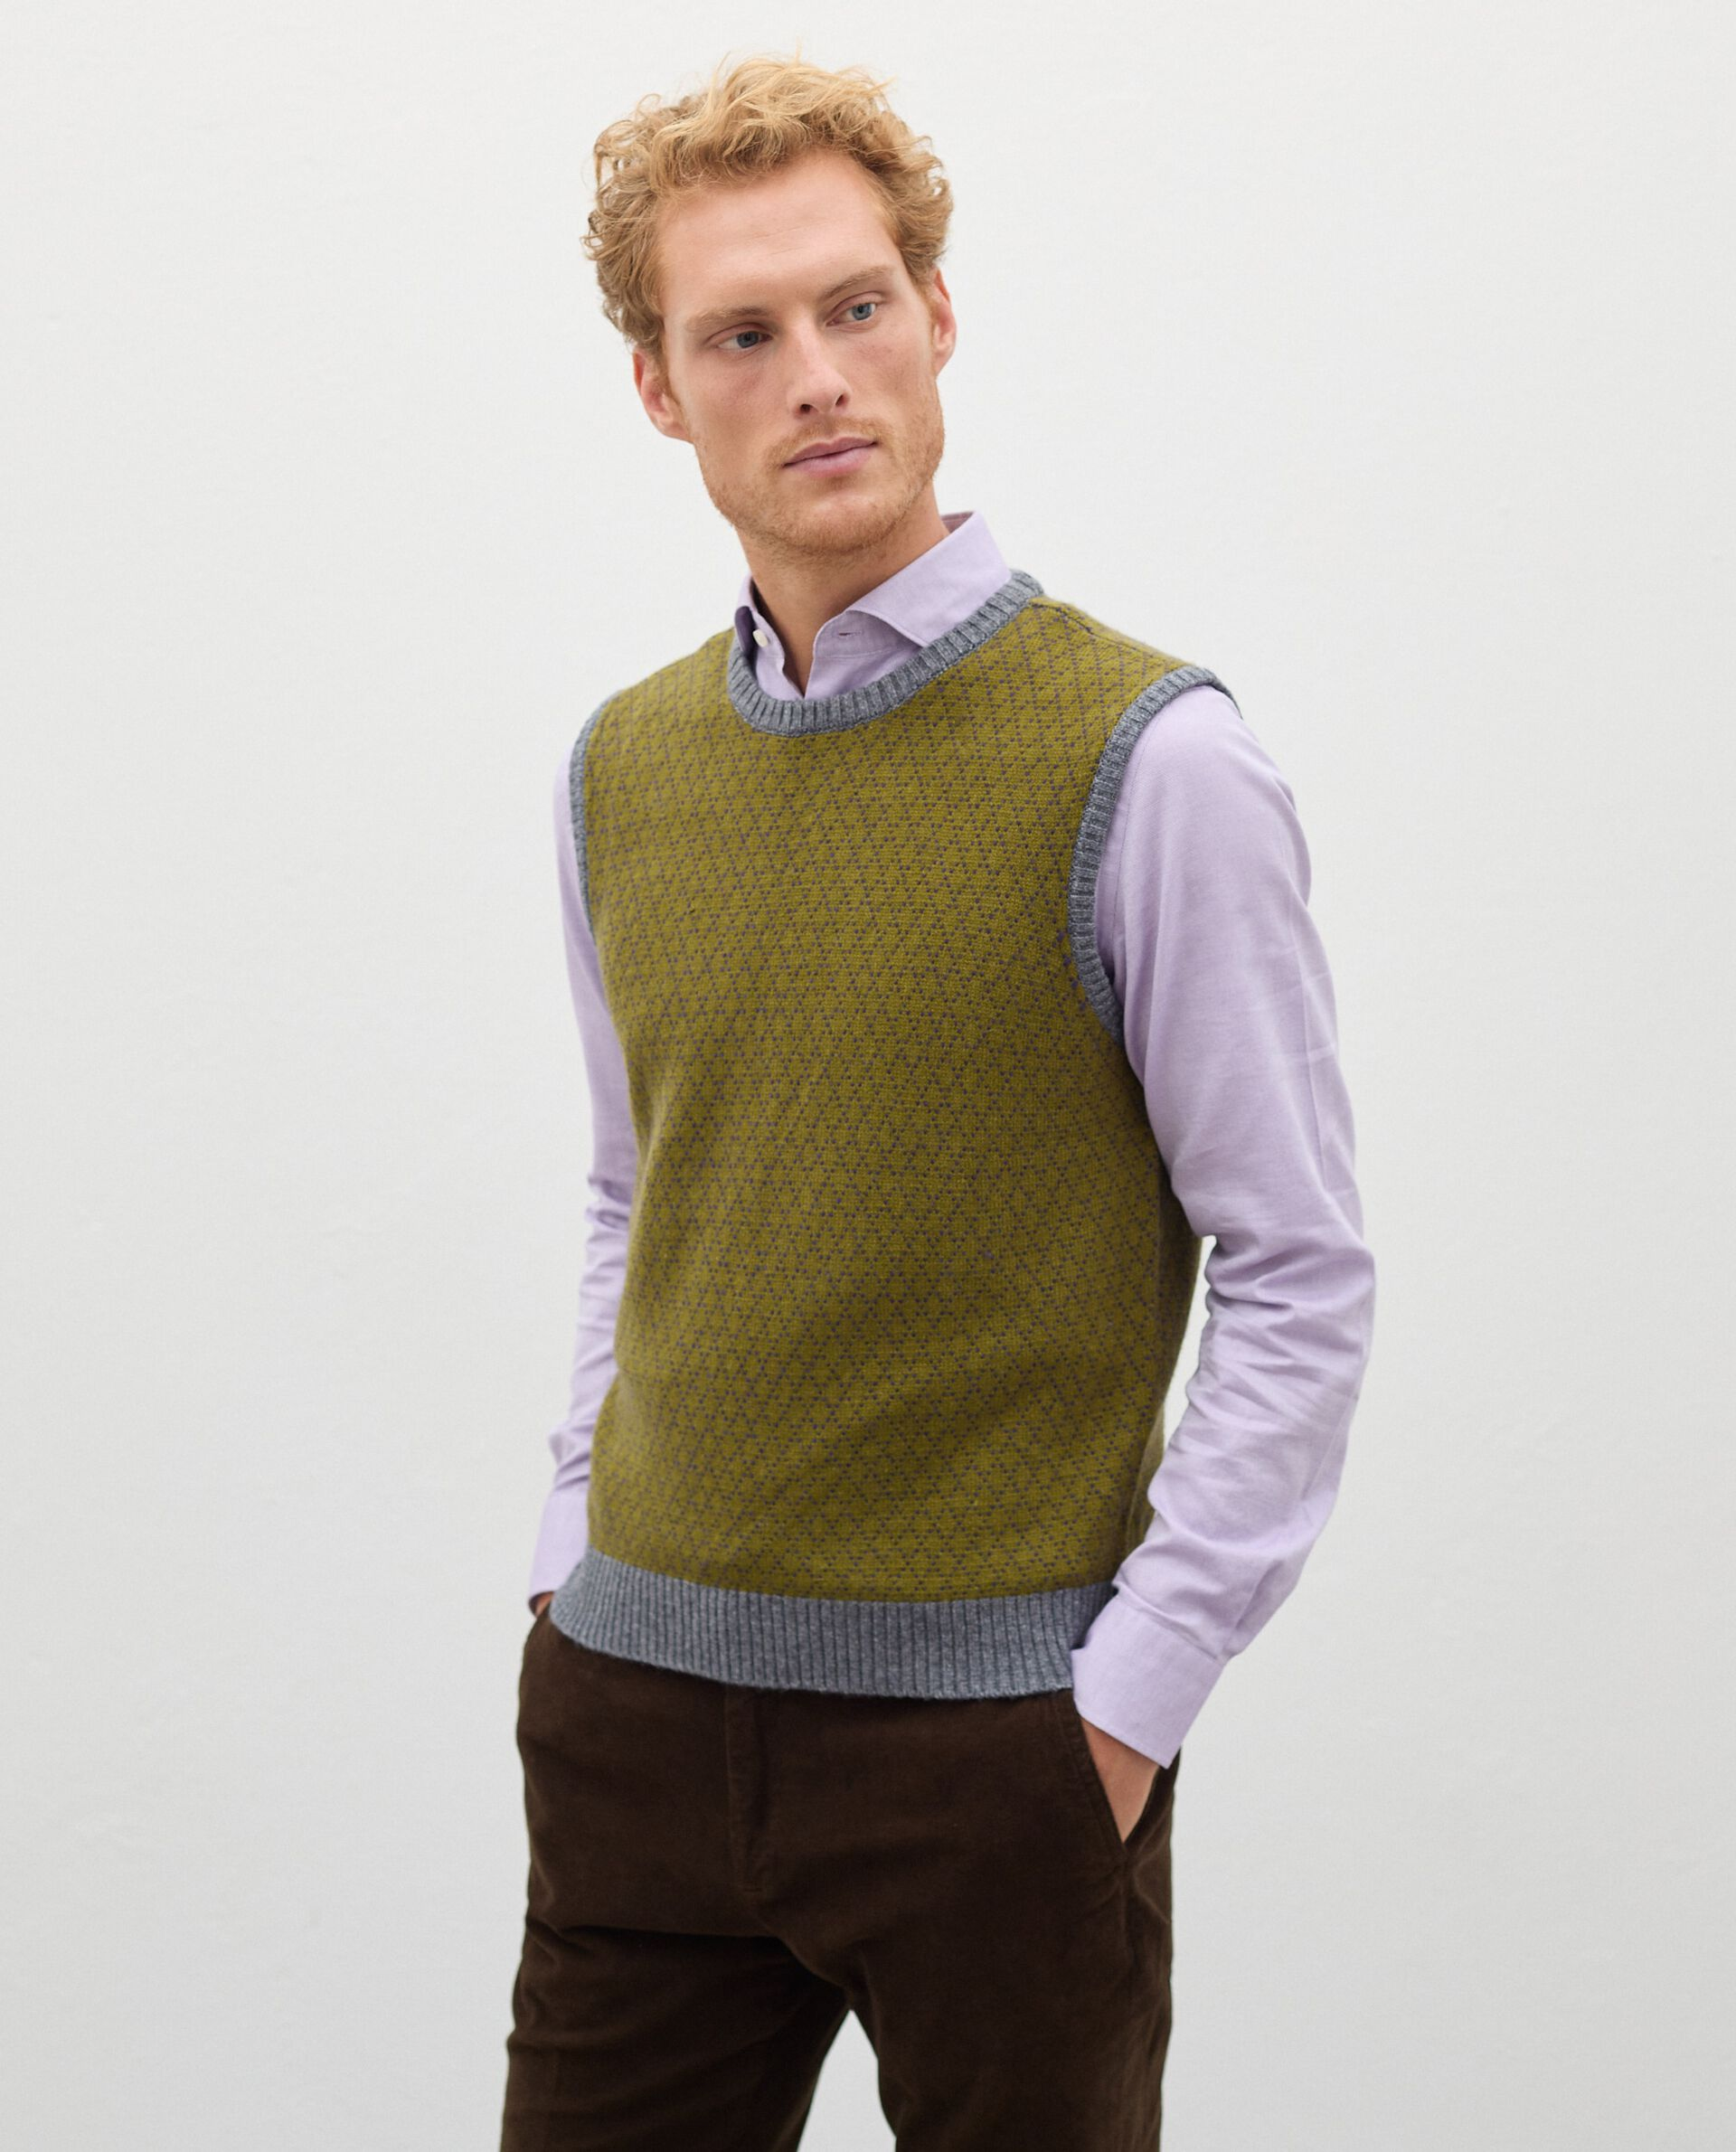 Gilet girocollo in lana misto cashmere uomo